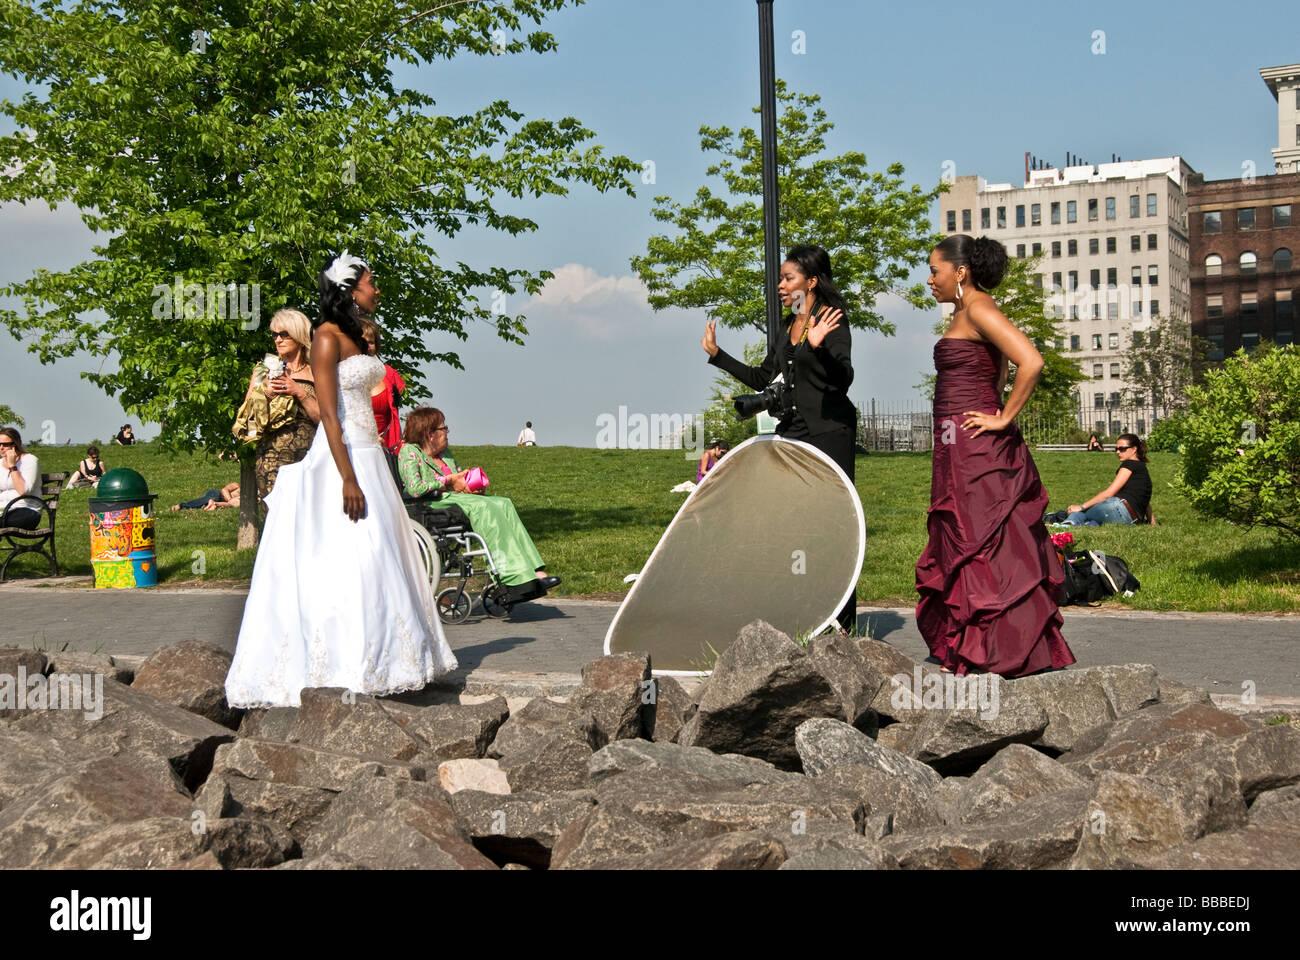 eine schöne dunkelhäutige Braut in einem trägerlosen Brautkleid wartet in Empire-Fulton Ferry State Stockbild